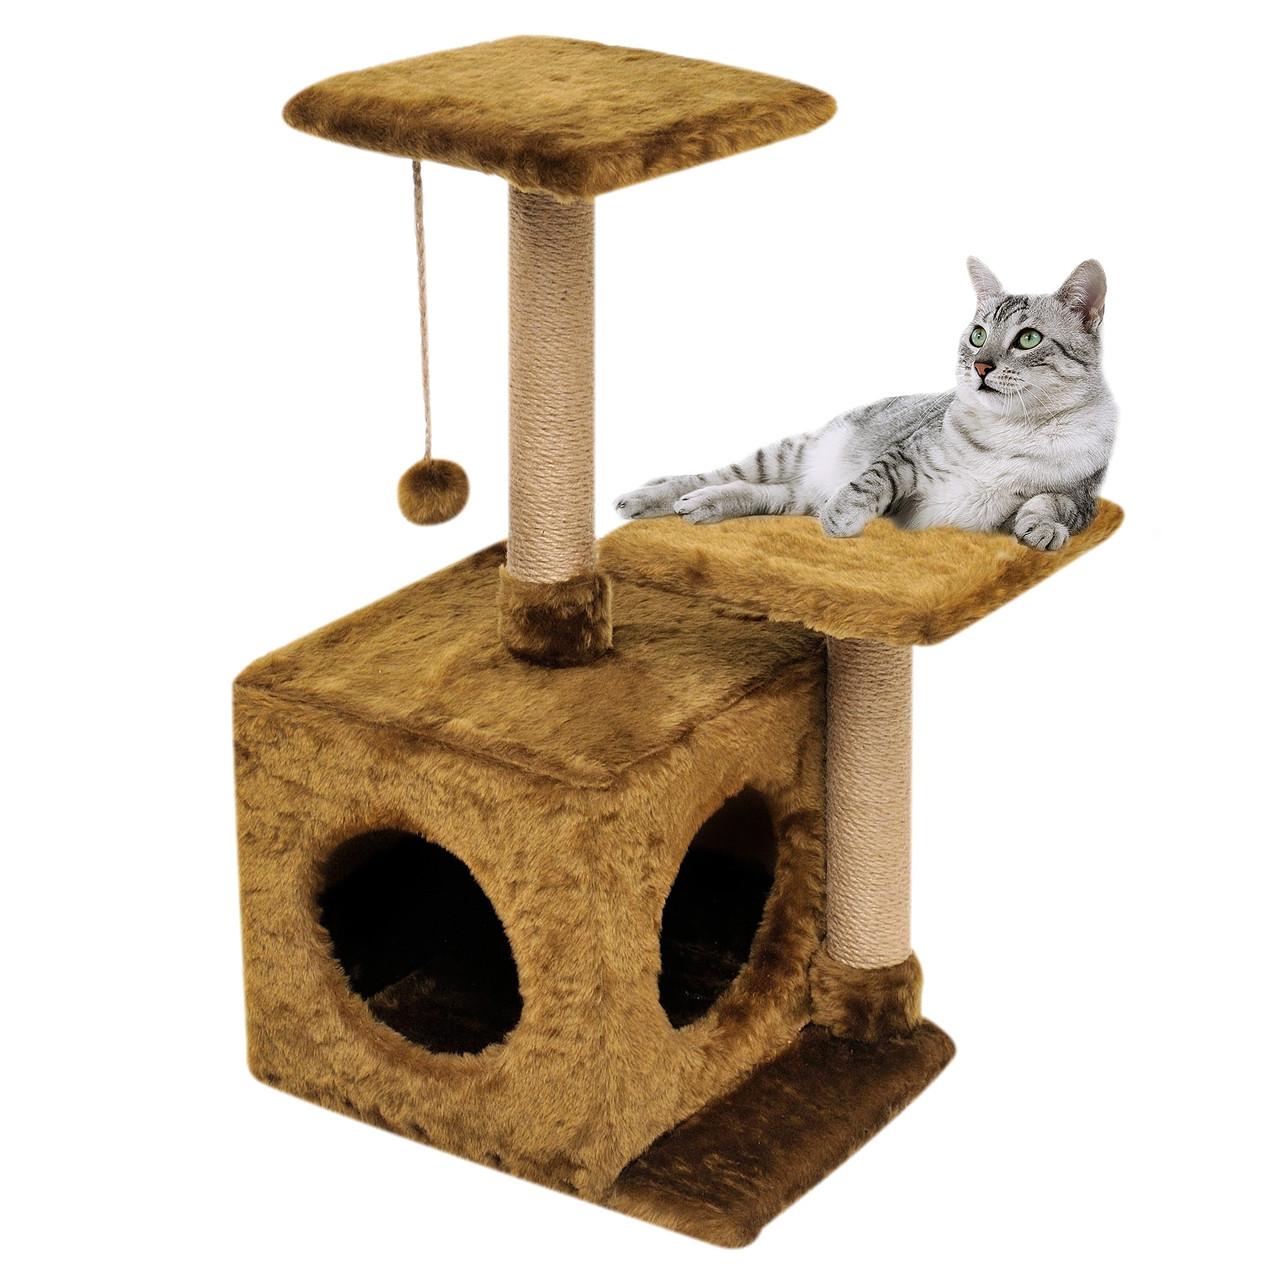 Домик-когтеточка с полкой Маруся 43х33х75 см (дряпка) для кошки Коричневый